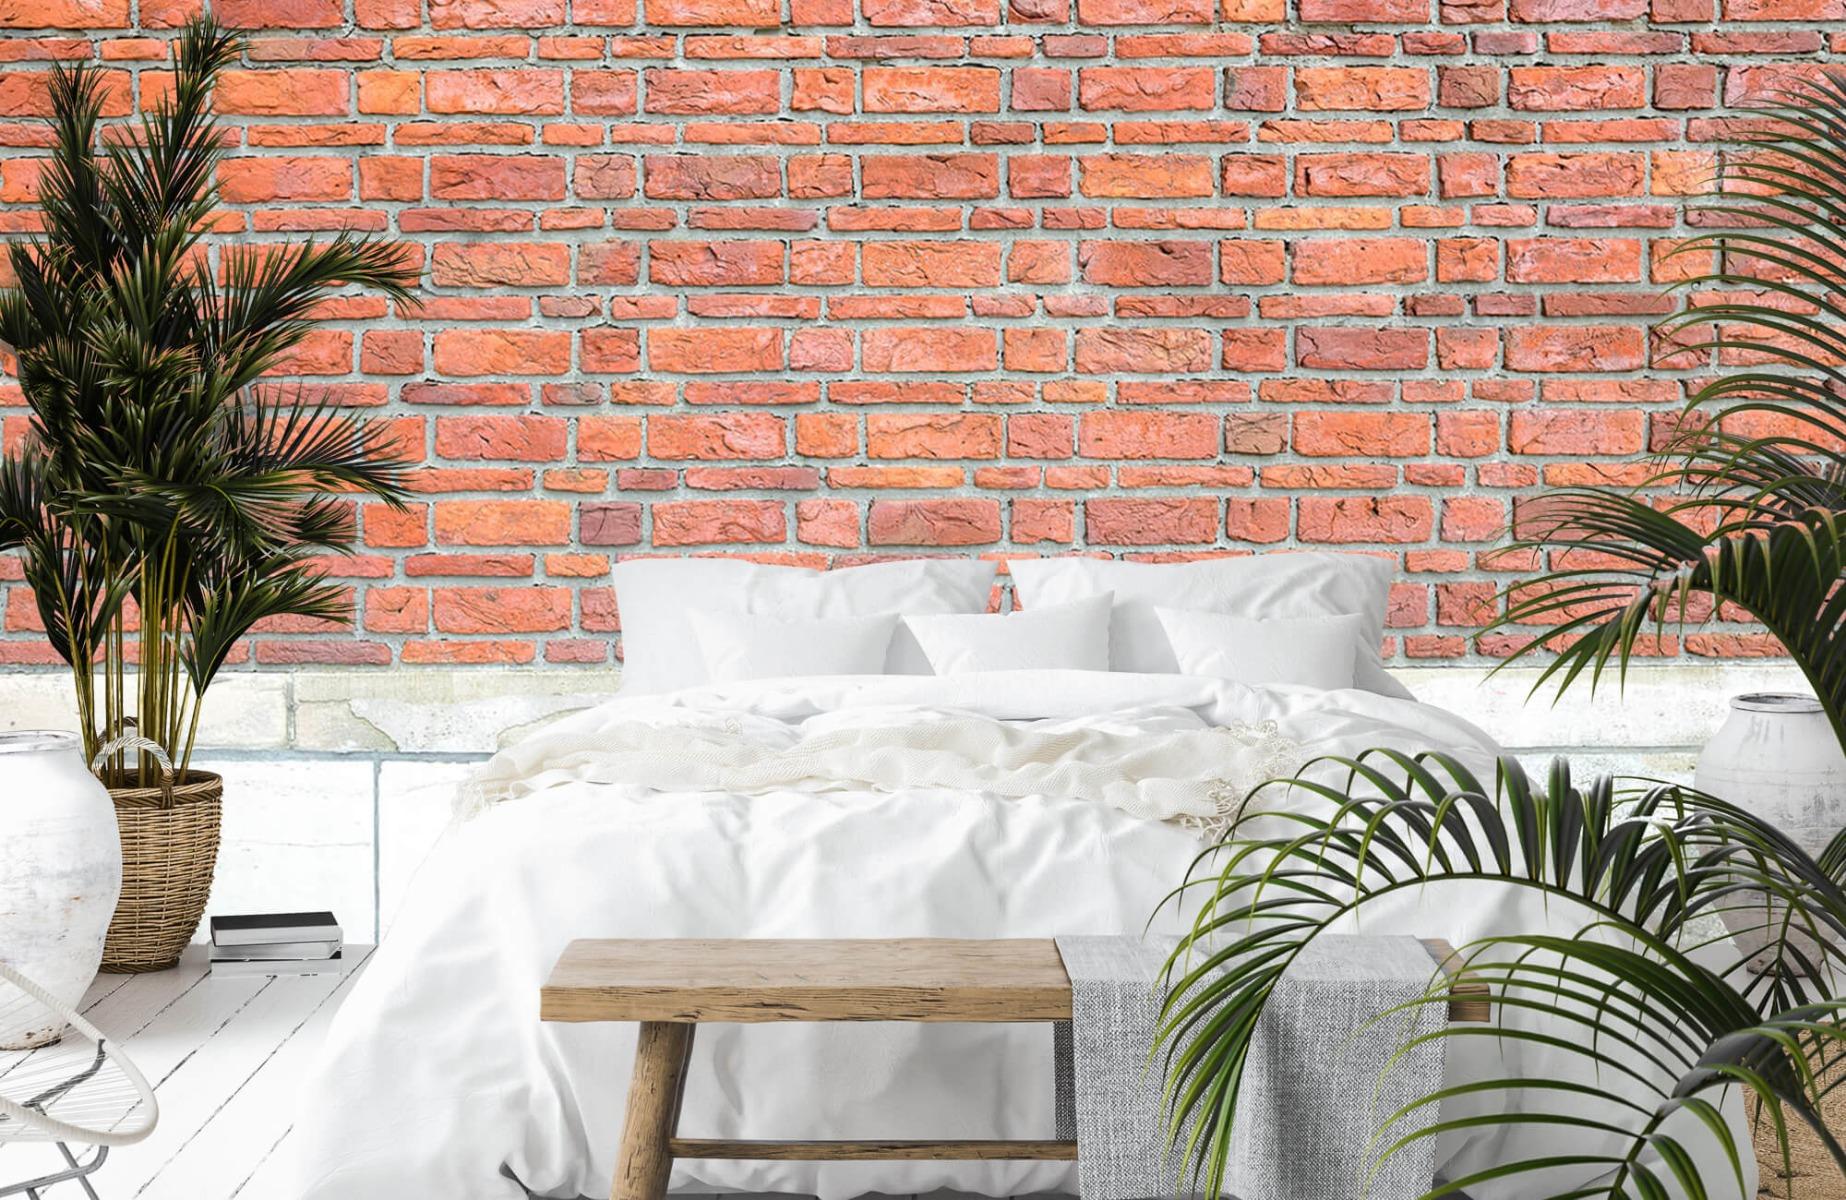 Steen behang - Bakstenen met oud beton - Wallexclusive - Slaapkamer 16